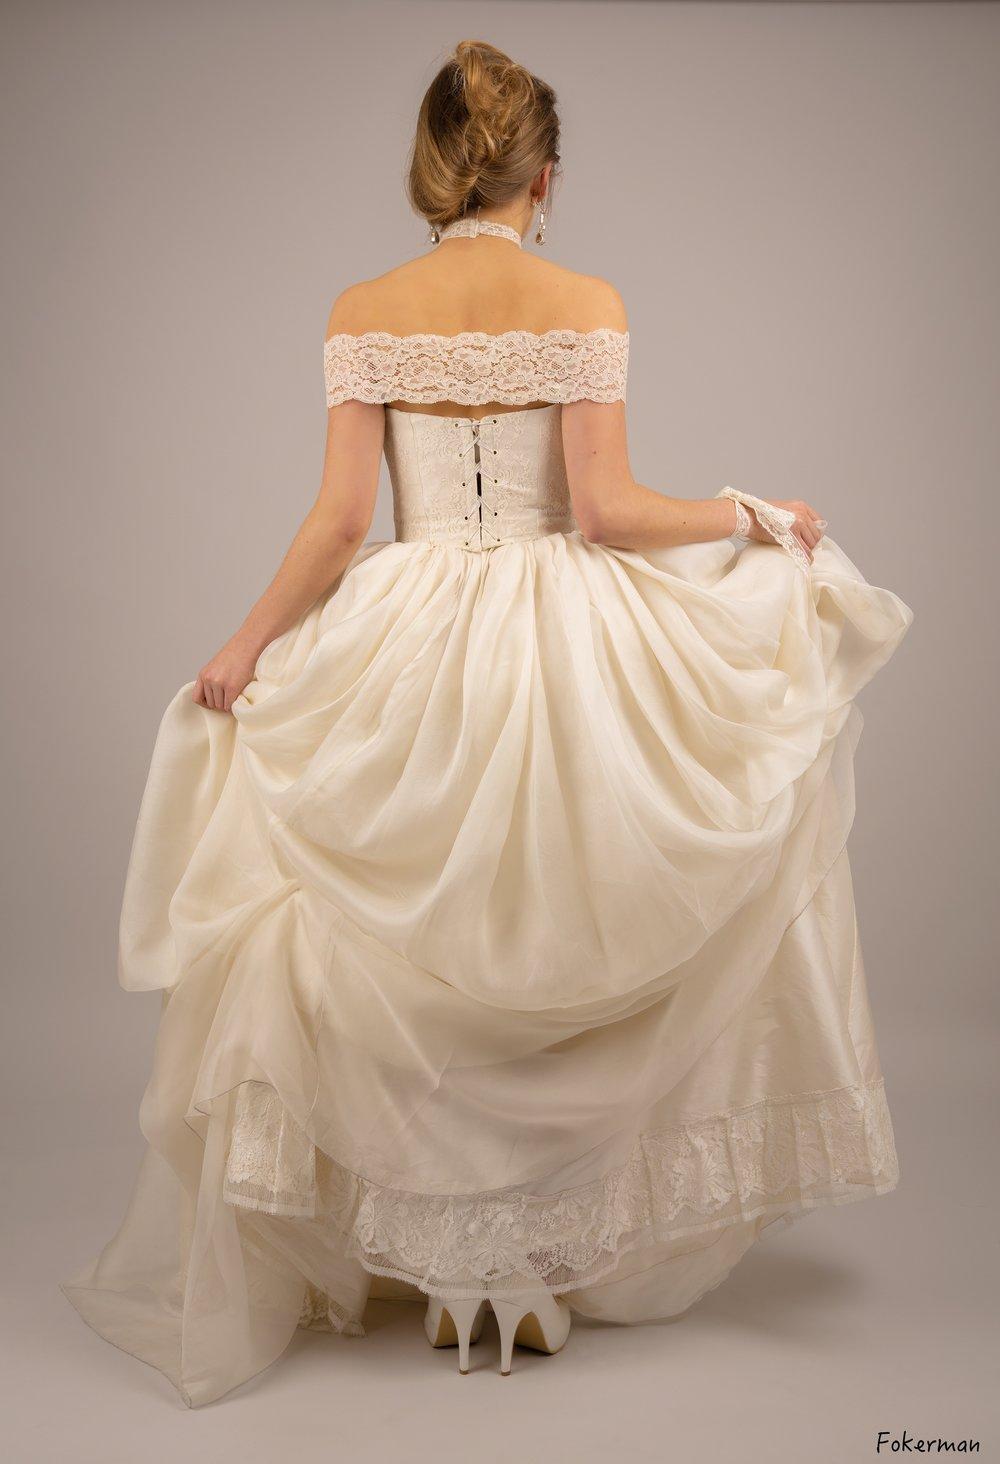 Robe de mariée Anouchka dentelle et organza dos Agnes Szabelewski.jpg